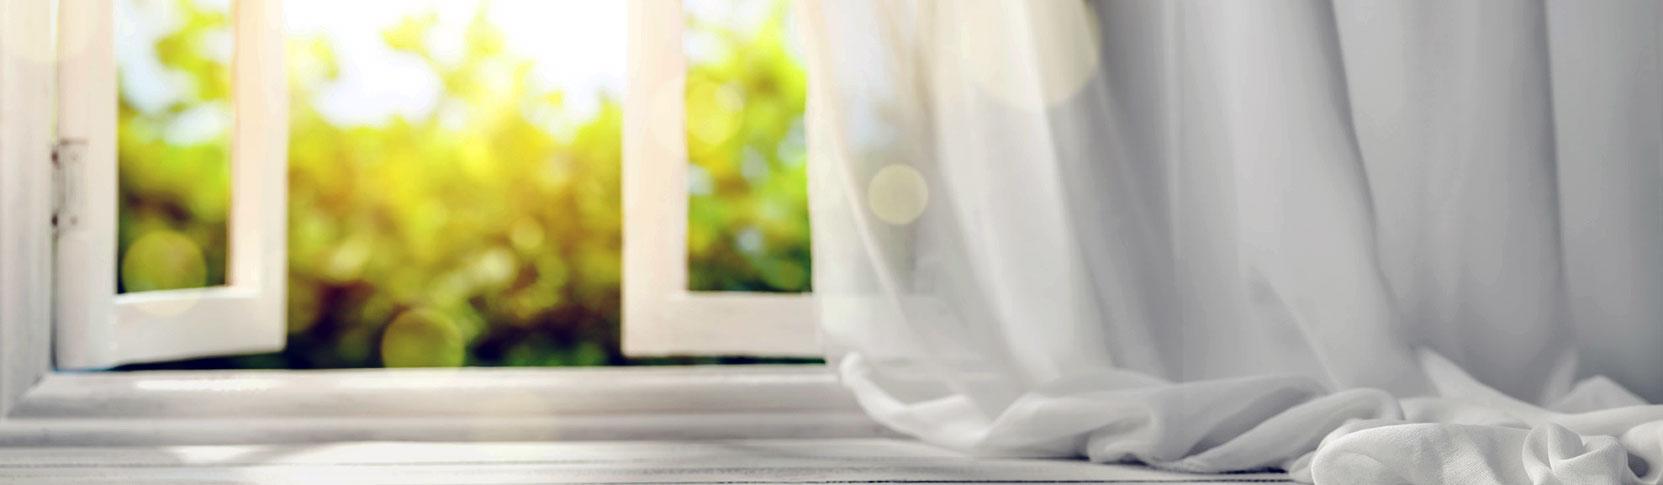 gardinenw sche gardinenservice w scherei h p heinen. Black Bedroom Furniture Sets. Home Design Ideas